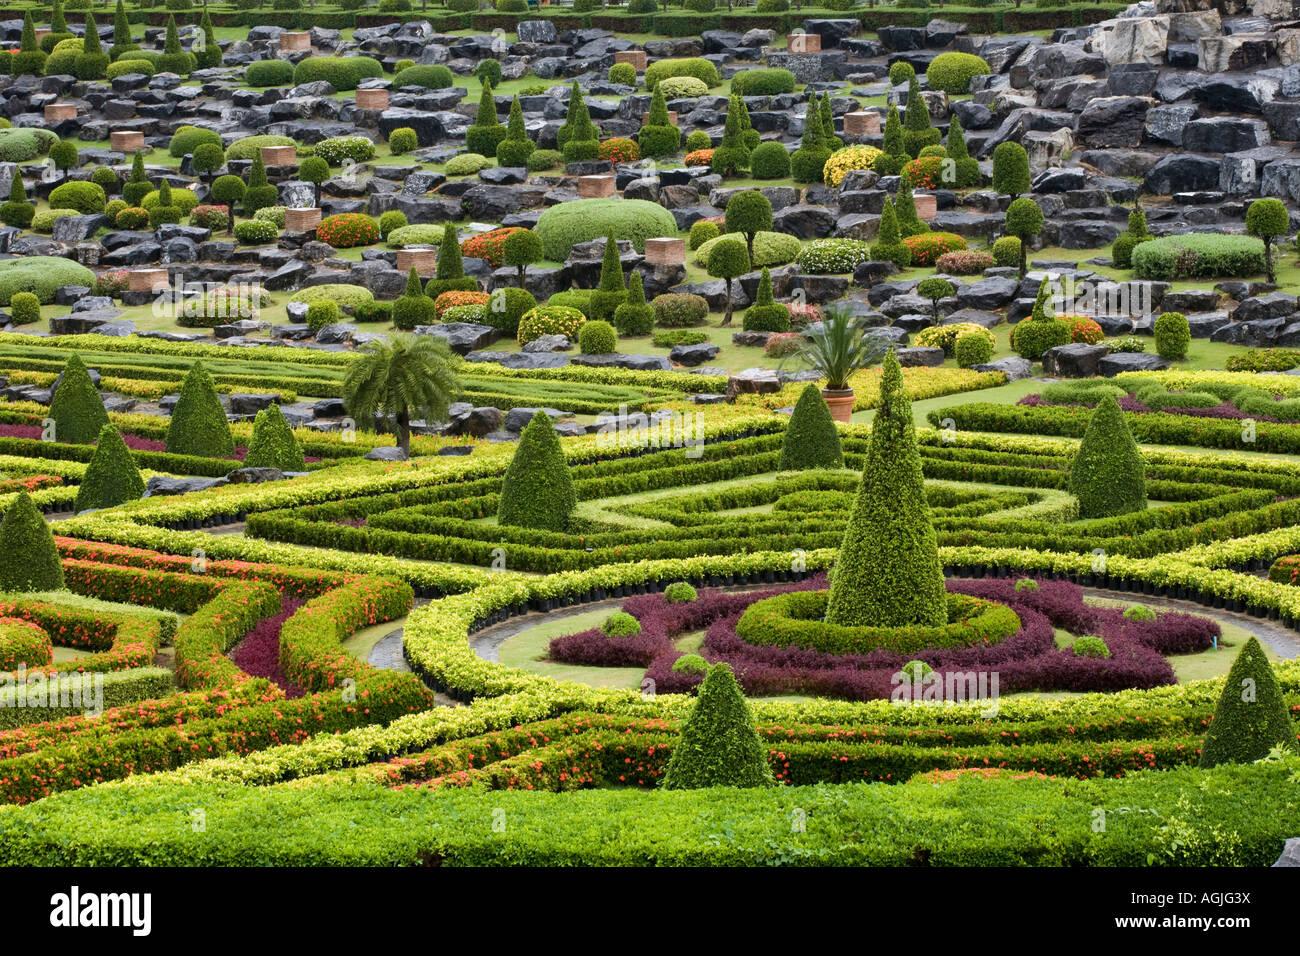 The French Garden at Suan Nong Nooch or NongNooch Tropical Botanical Garden Resort, Chon Buri, Pattaya, Thailand, Asia